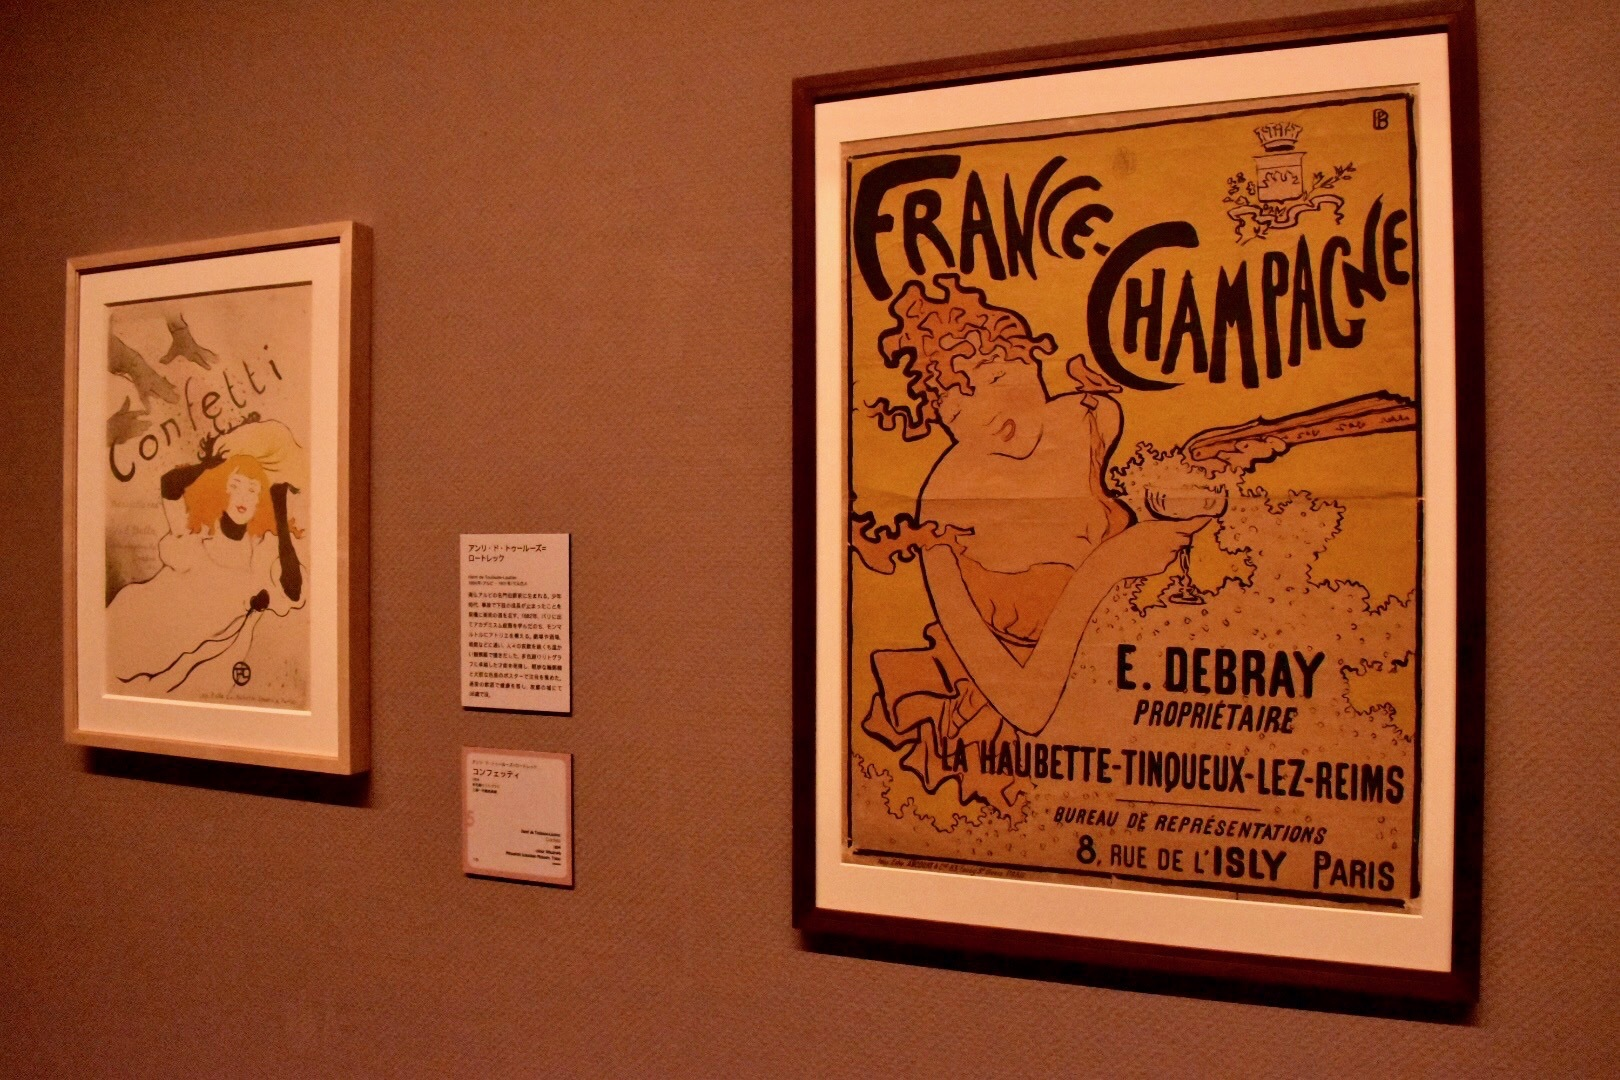 左:アンリ・ド・トゥールーズ=ロートレック《コンフェッティ》1894年 右:ピエール・ボナール《「フランス=シャンパン」のためのポスター》1891年